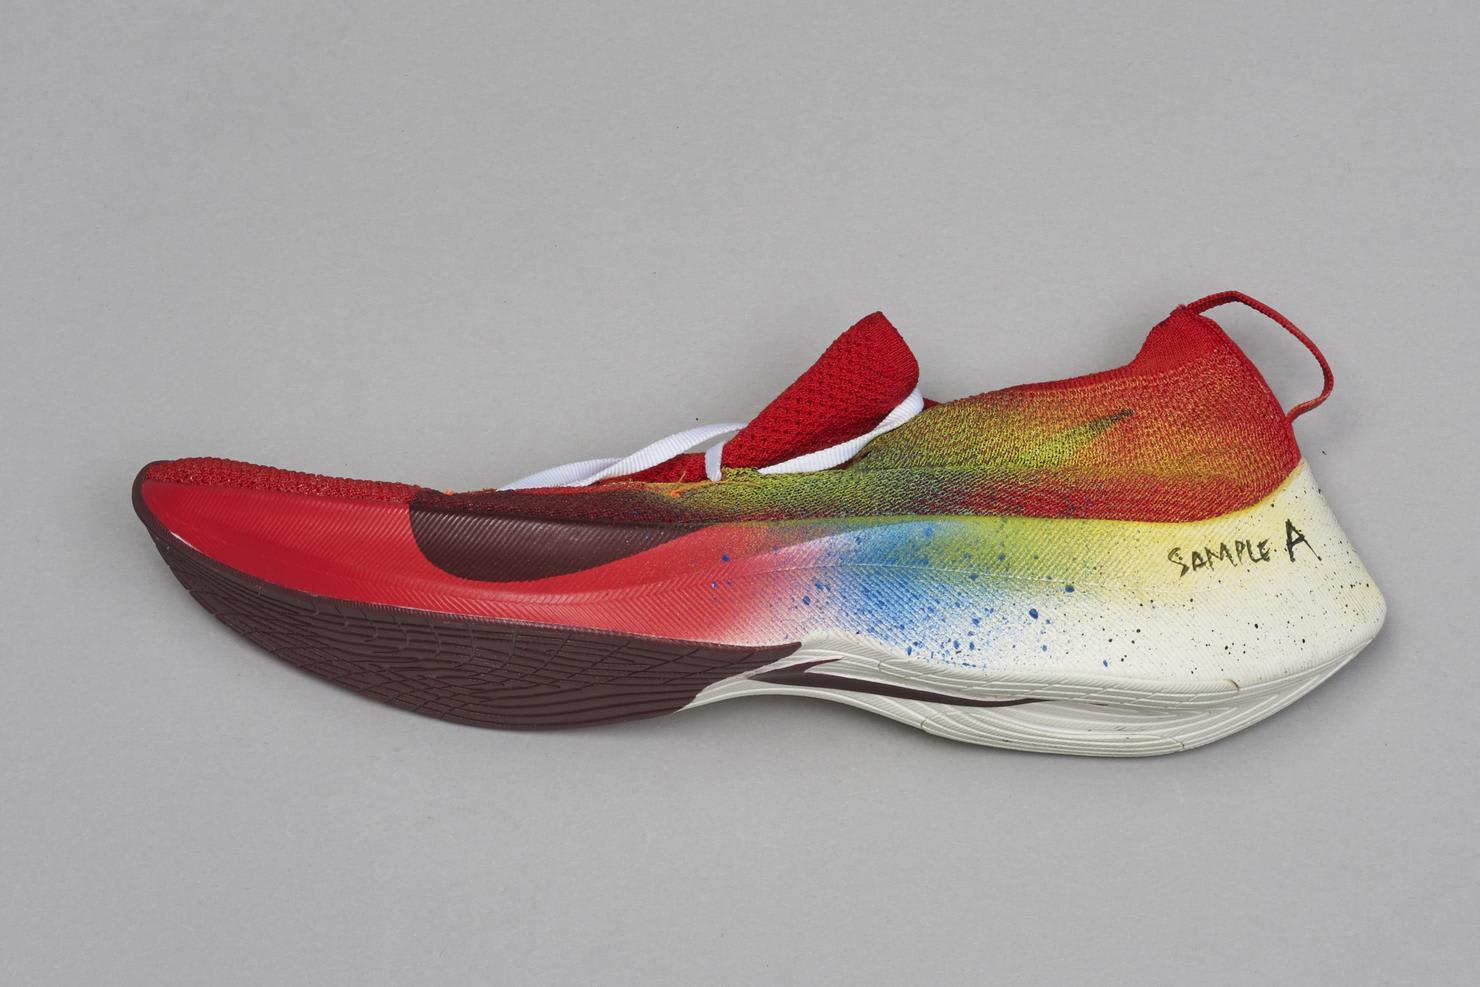 Off-White x Nike Vapor Street Prototype 7